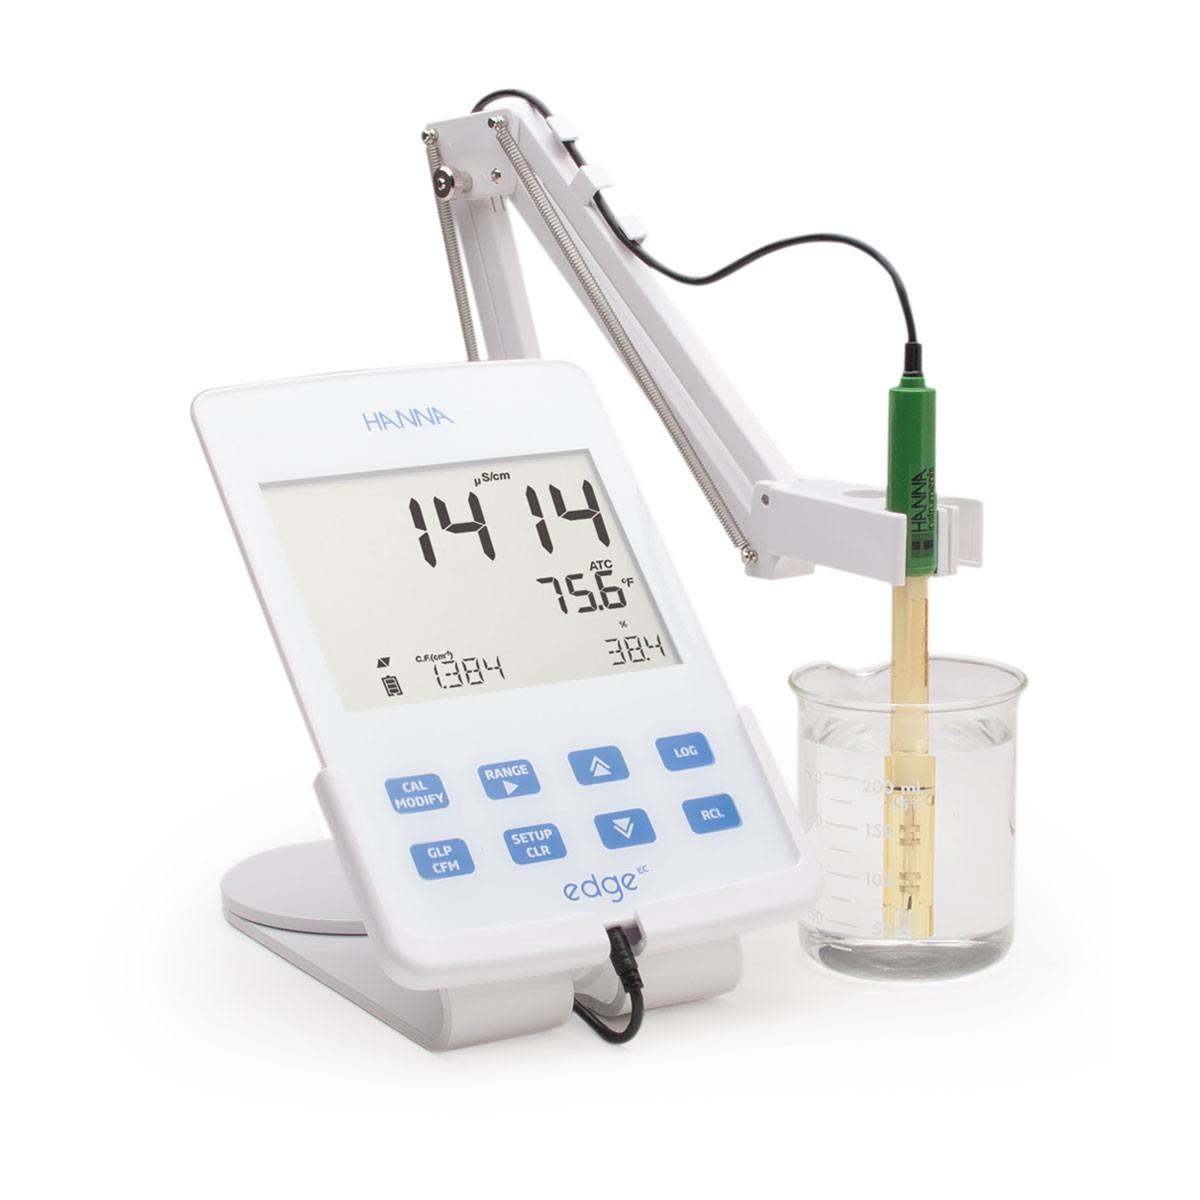 EDGE® Đơn chỉ tiêu - Máy đo EC/TDS/Độ mặn HI2003-02 EDGE Hanna